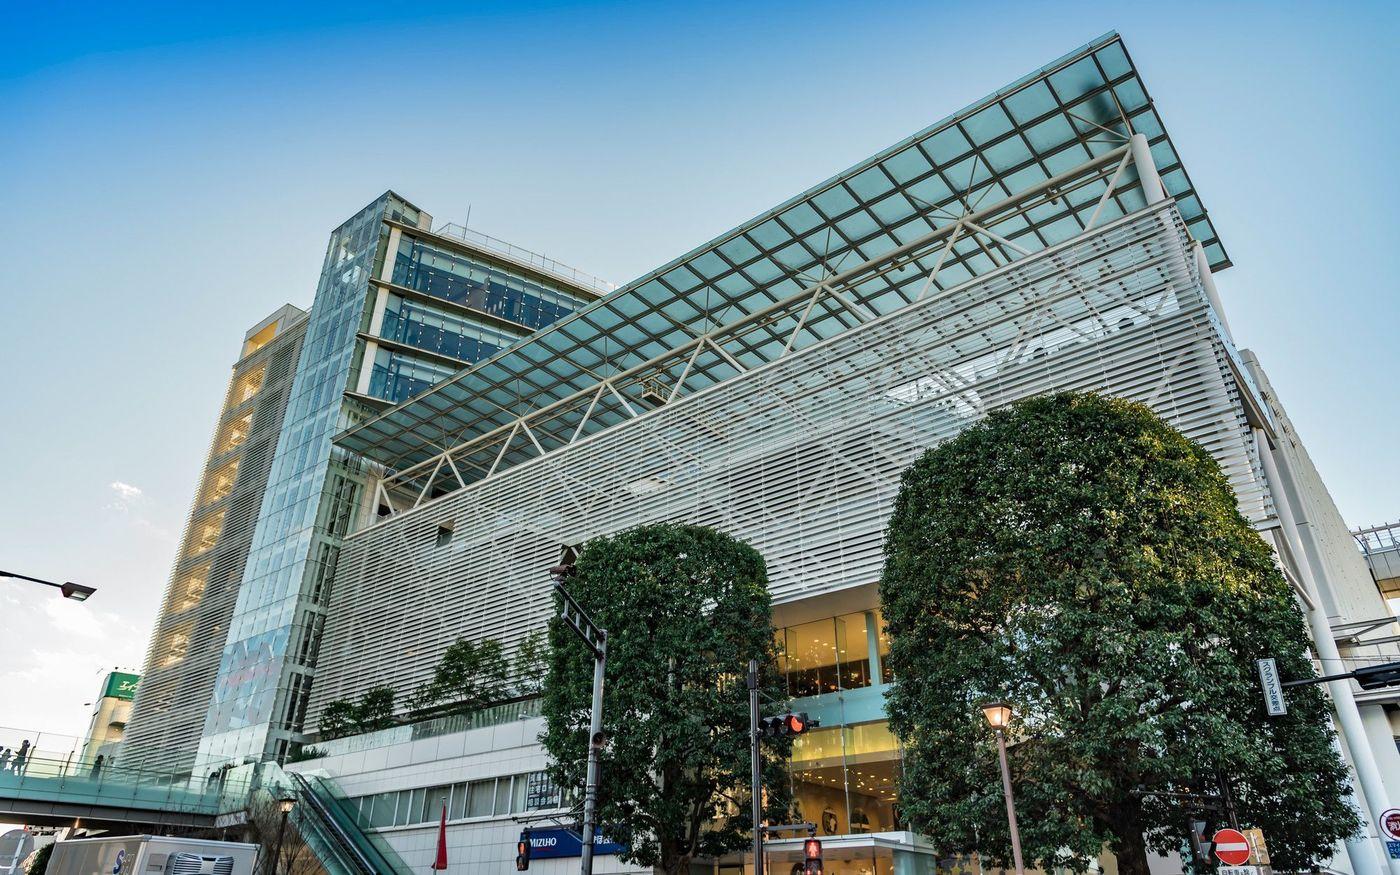 東京のおすすめ観光地62選!穴場スポットや定番の名所など必見の画像